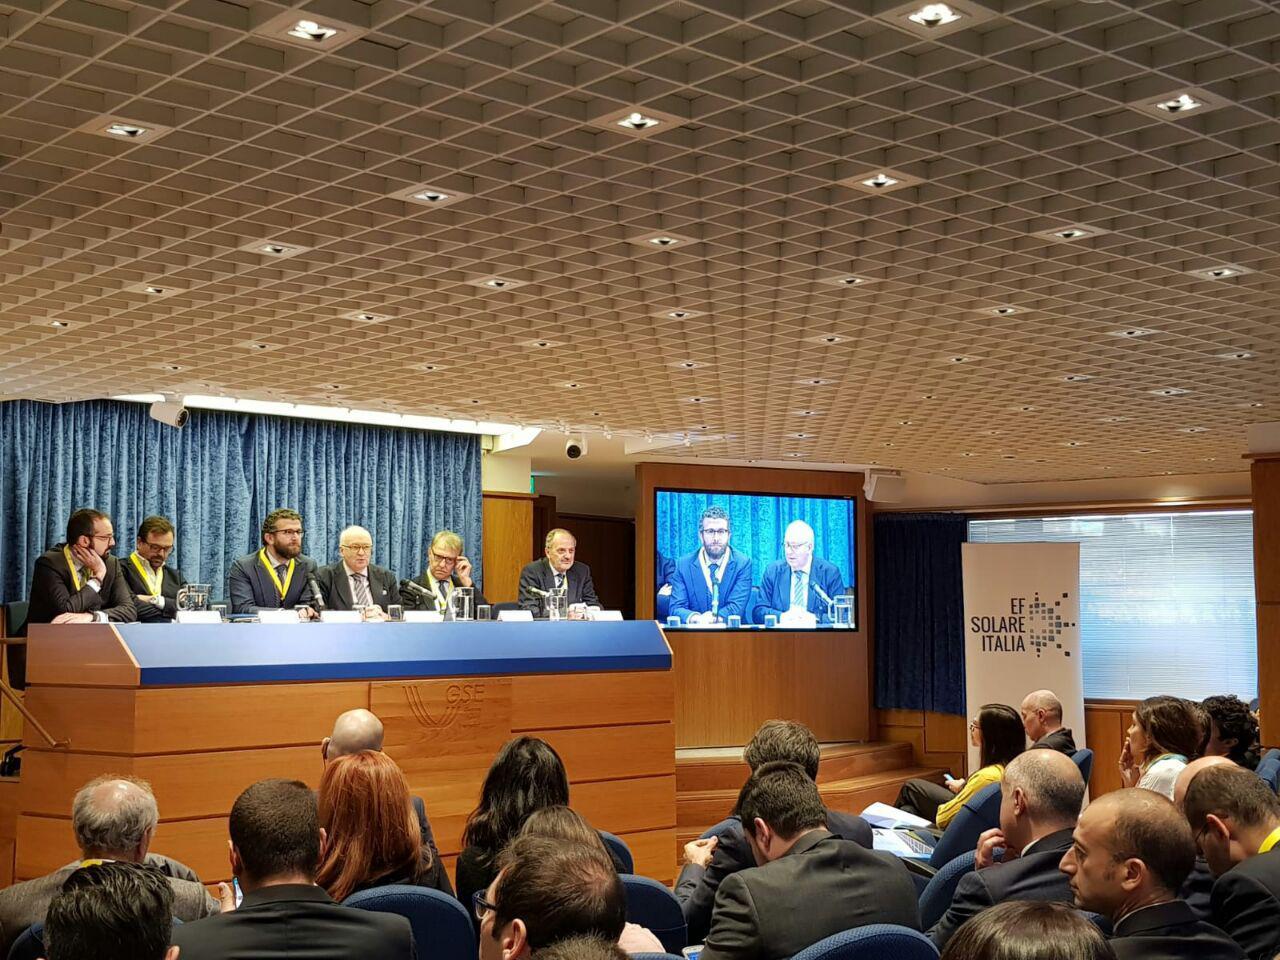 """Vendere Energia Elettrica Da Fotovoltaico moro (convert): """"la burocrazia in italia blocca il"""